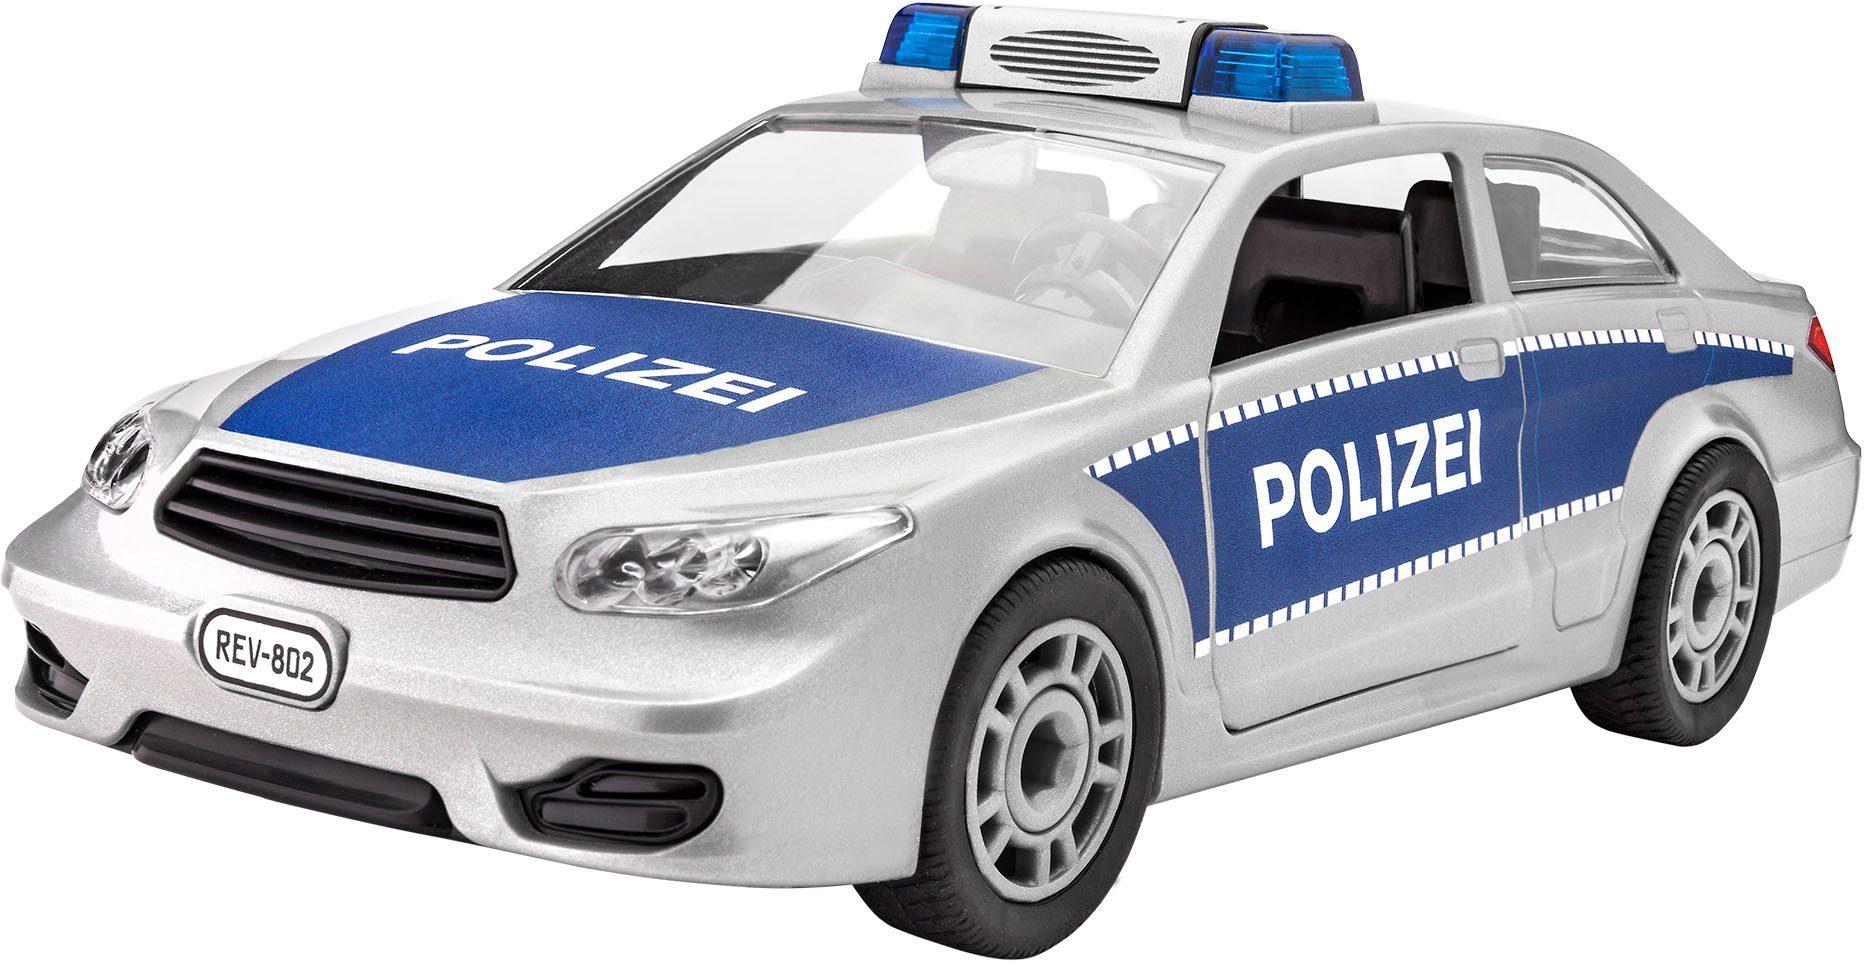 Revell® Modellbausatz Polizeiwagen, Maßstab 1:20, »Junior Kit Police Car«